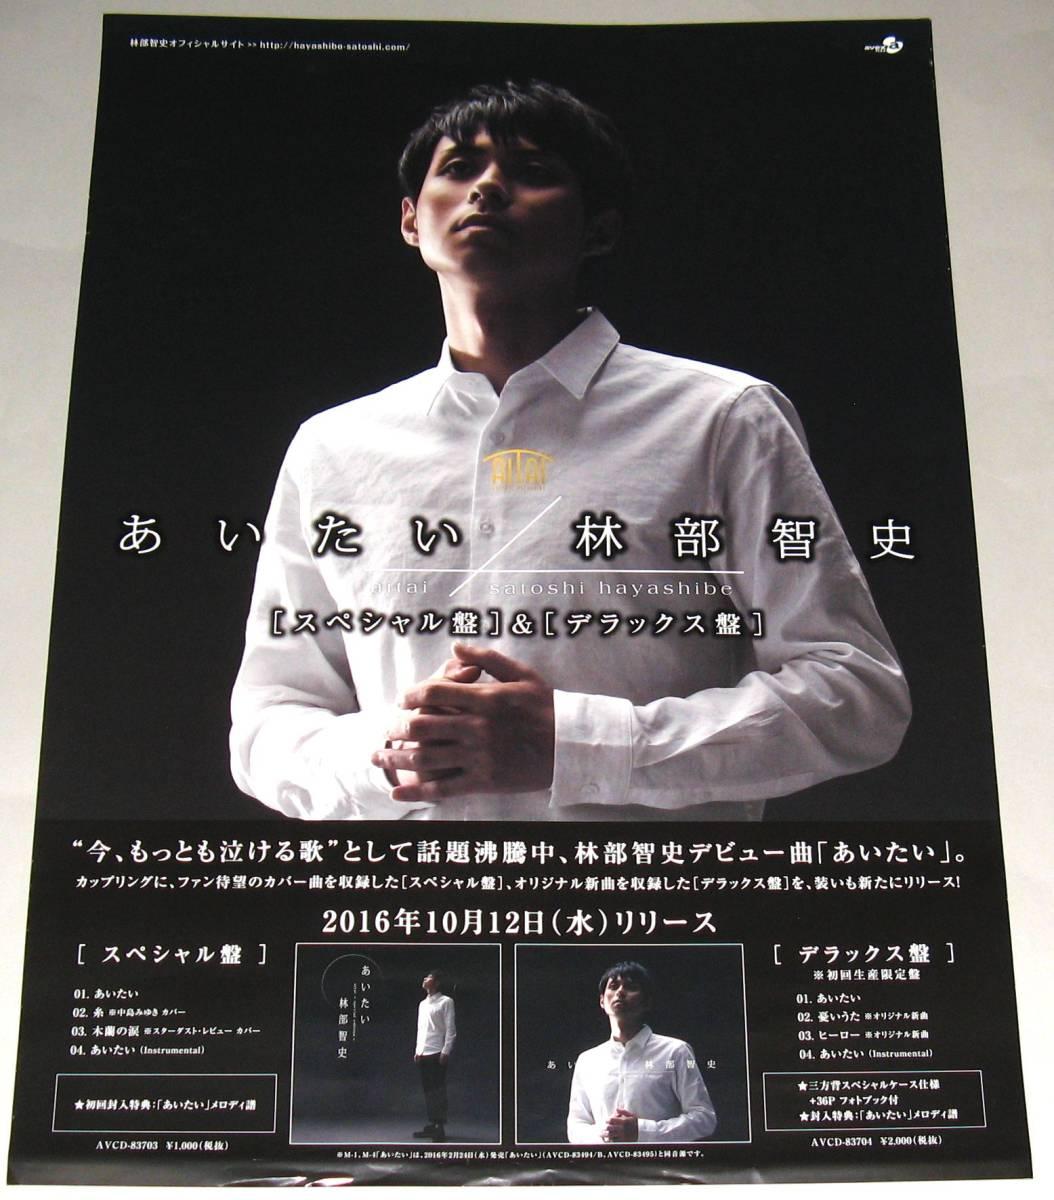 林部智史 [あいたい] 告知ポスター